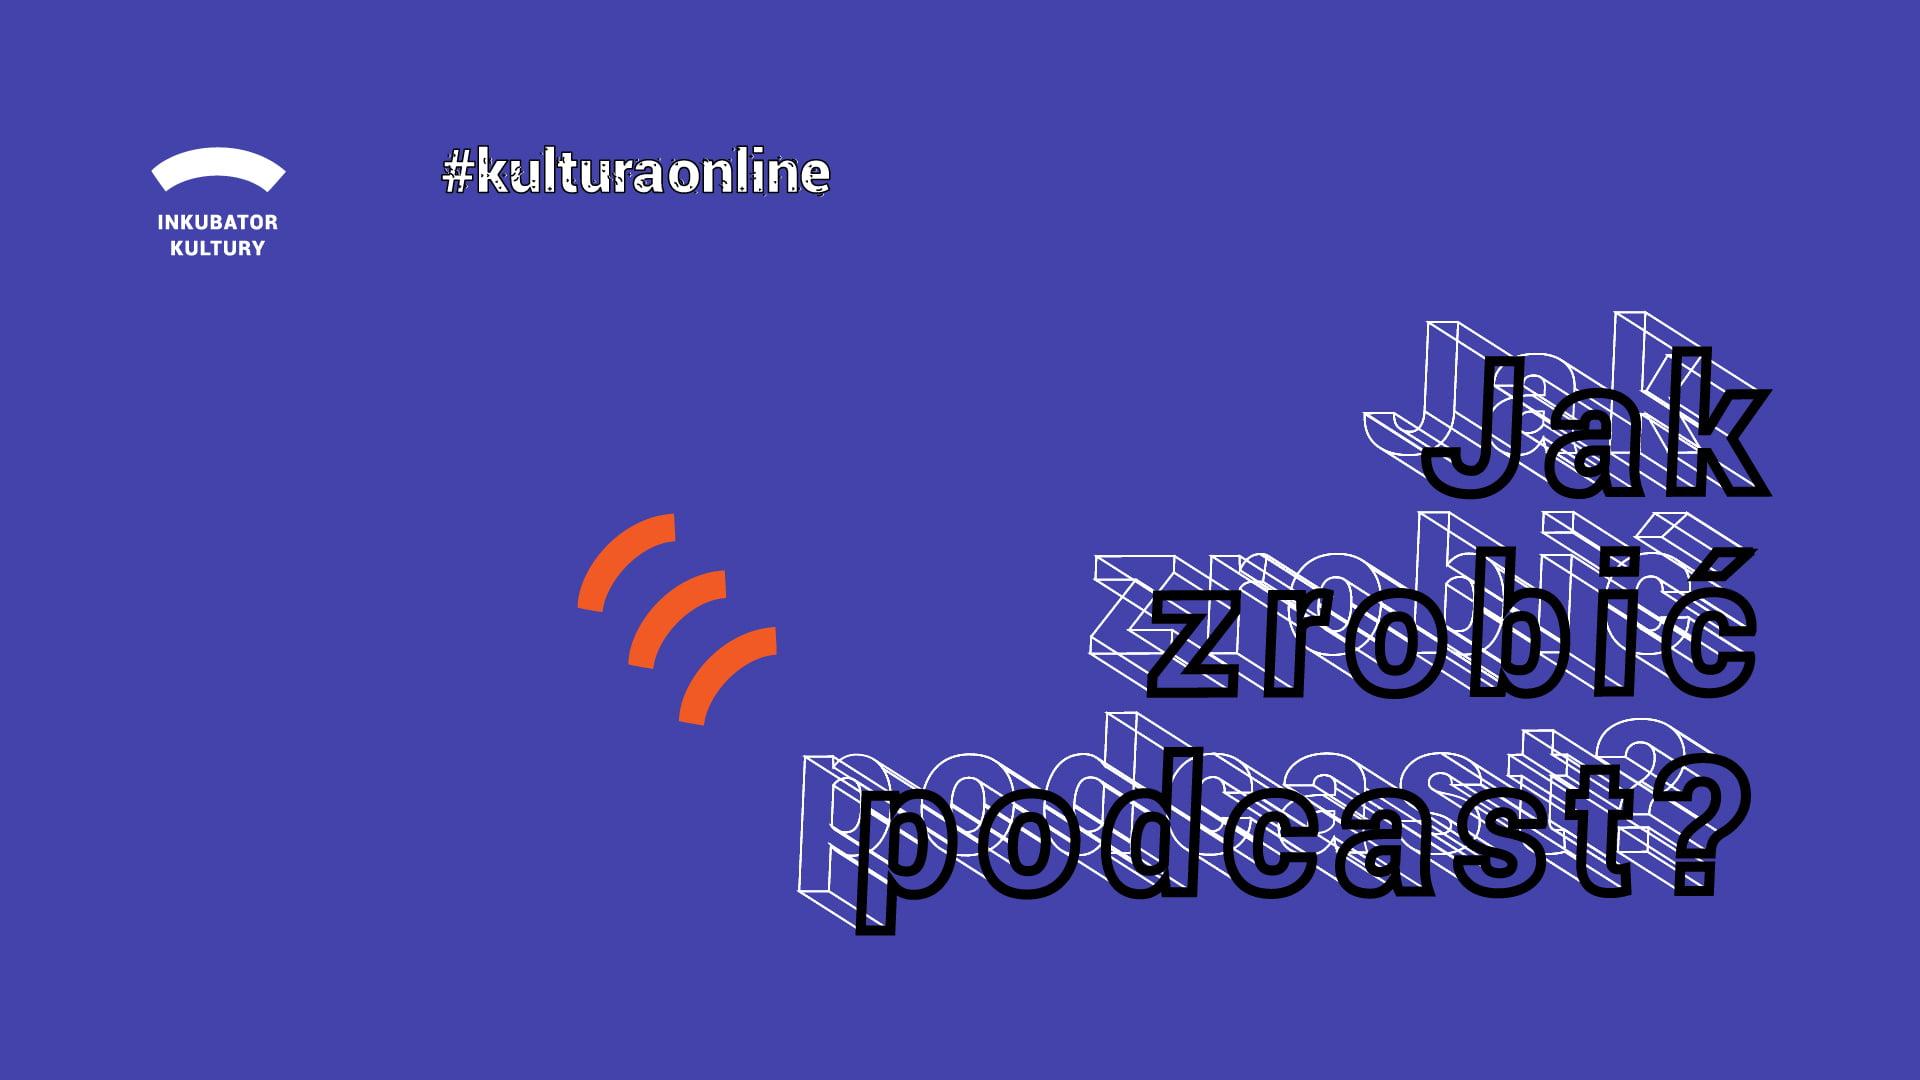 niebieskie tło, litery 3D jak zrobić podkast. napis #kulturaonline, logo inkubatora kultury